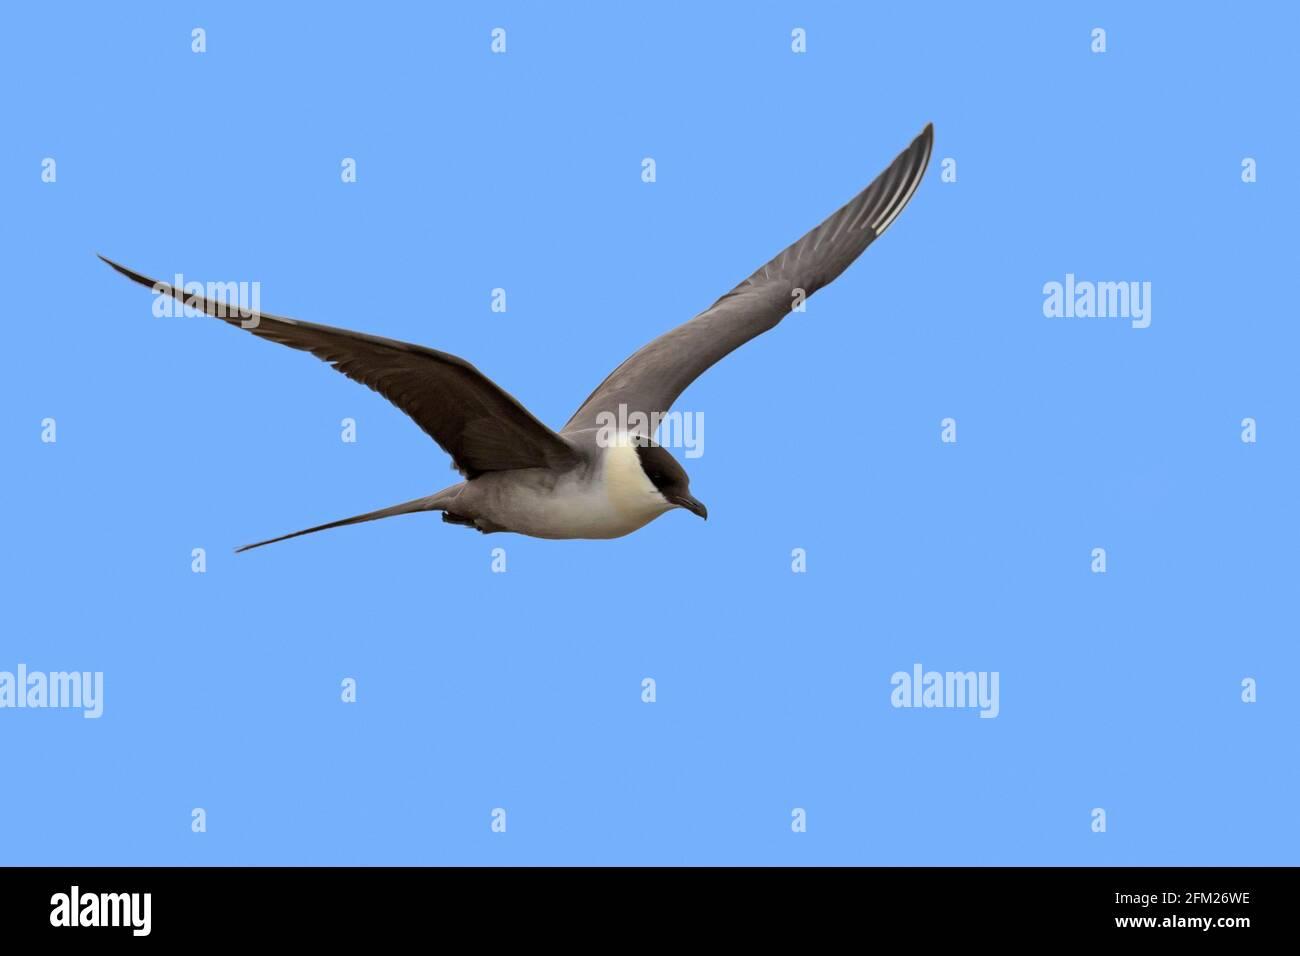 skua à queue longue / jaeger à queue longue (Stercorarius longicaudus) en vol contre le ciel bleu, Svalbard / Spitsbergen, Norvège Banque D'Images